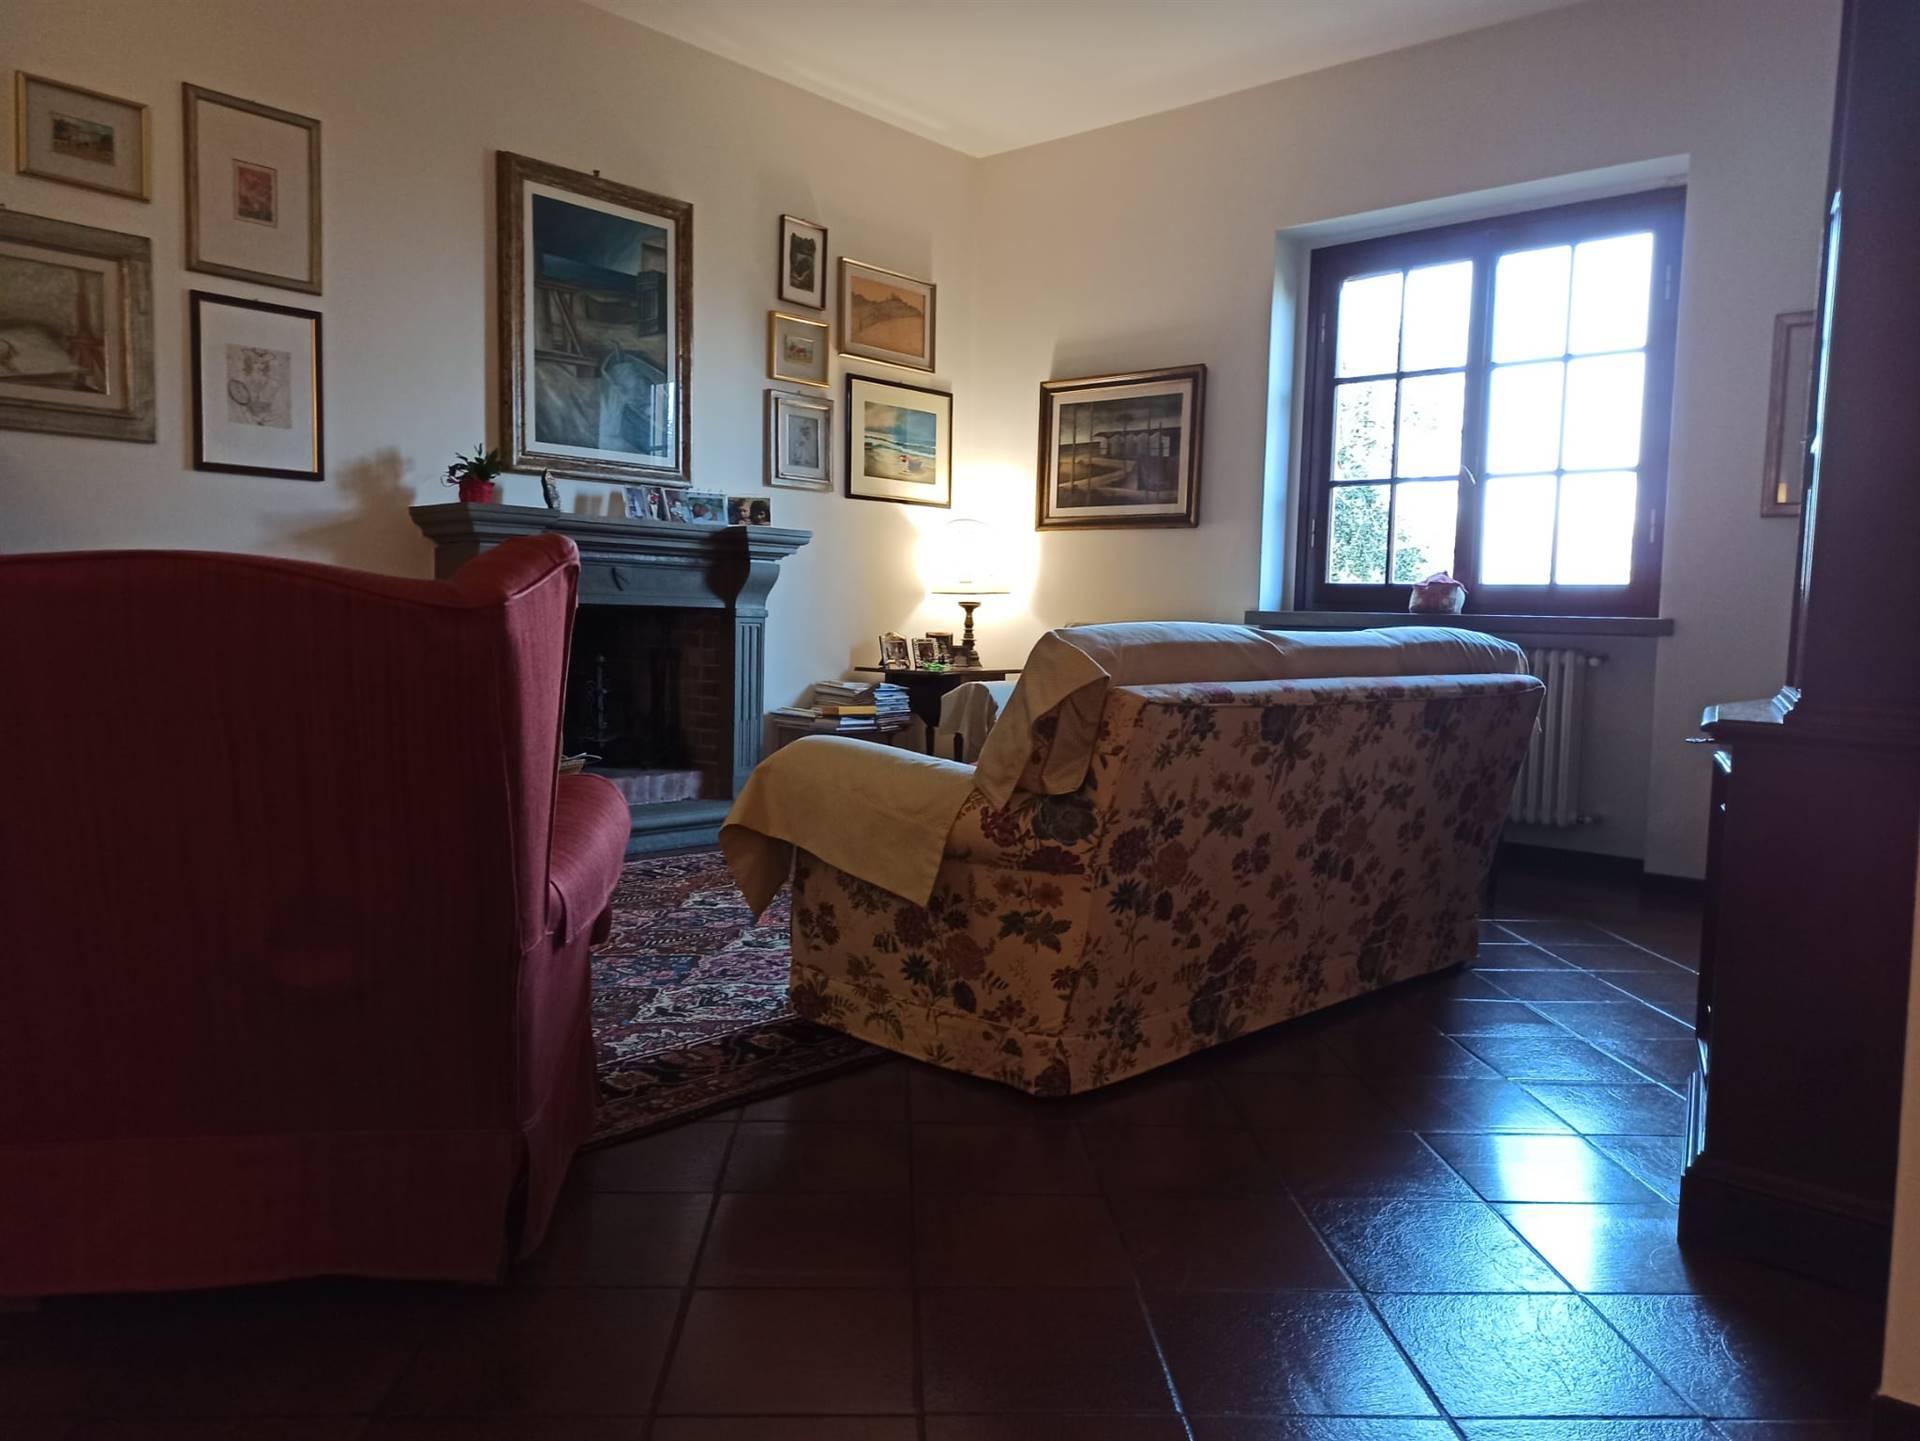 QUARRATA, Villa in vendita, Ottime condizioni, Riscaldamento Autonomo, Classe energetica: F, Epi: 143,2 kwh/m2 anno, composto da: 8 Vani, Cucinotto,